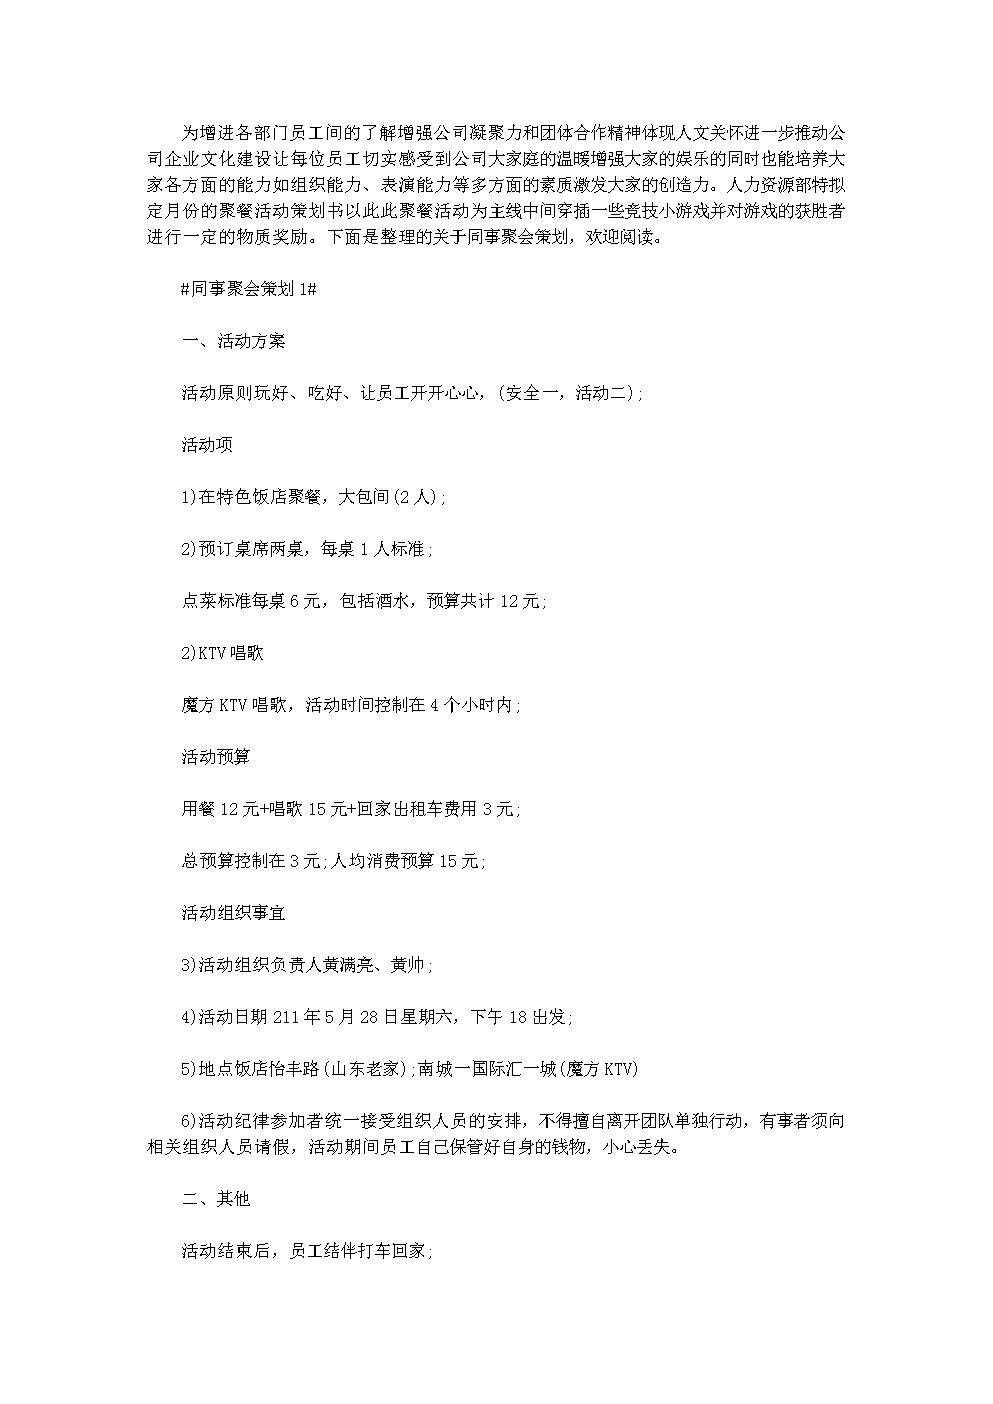 同事聚会节目策划文档.doc